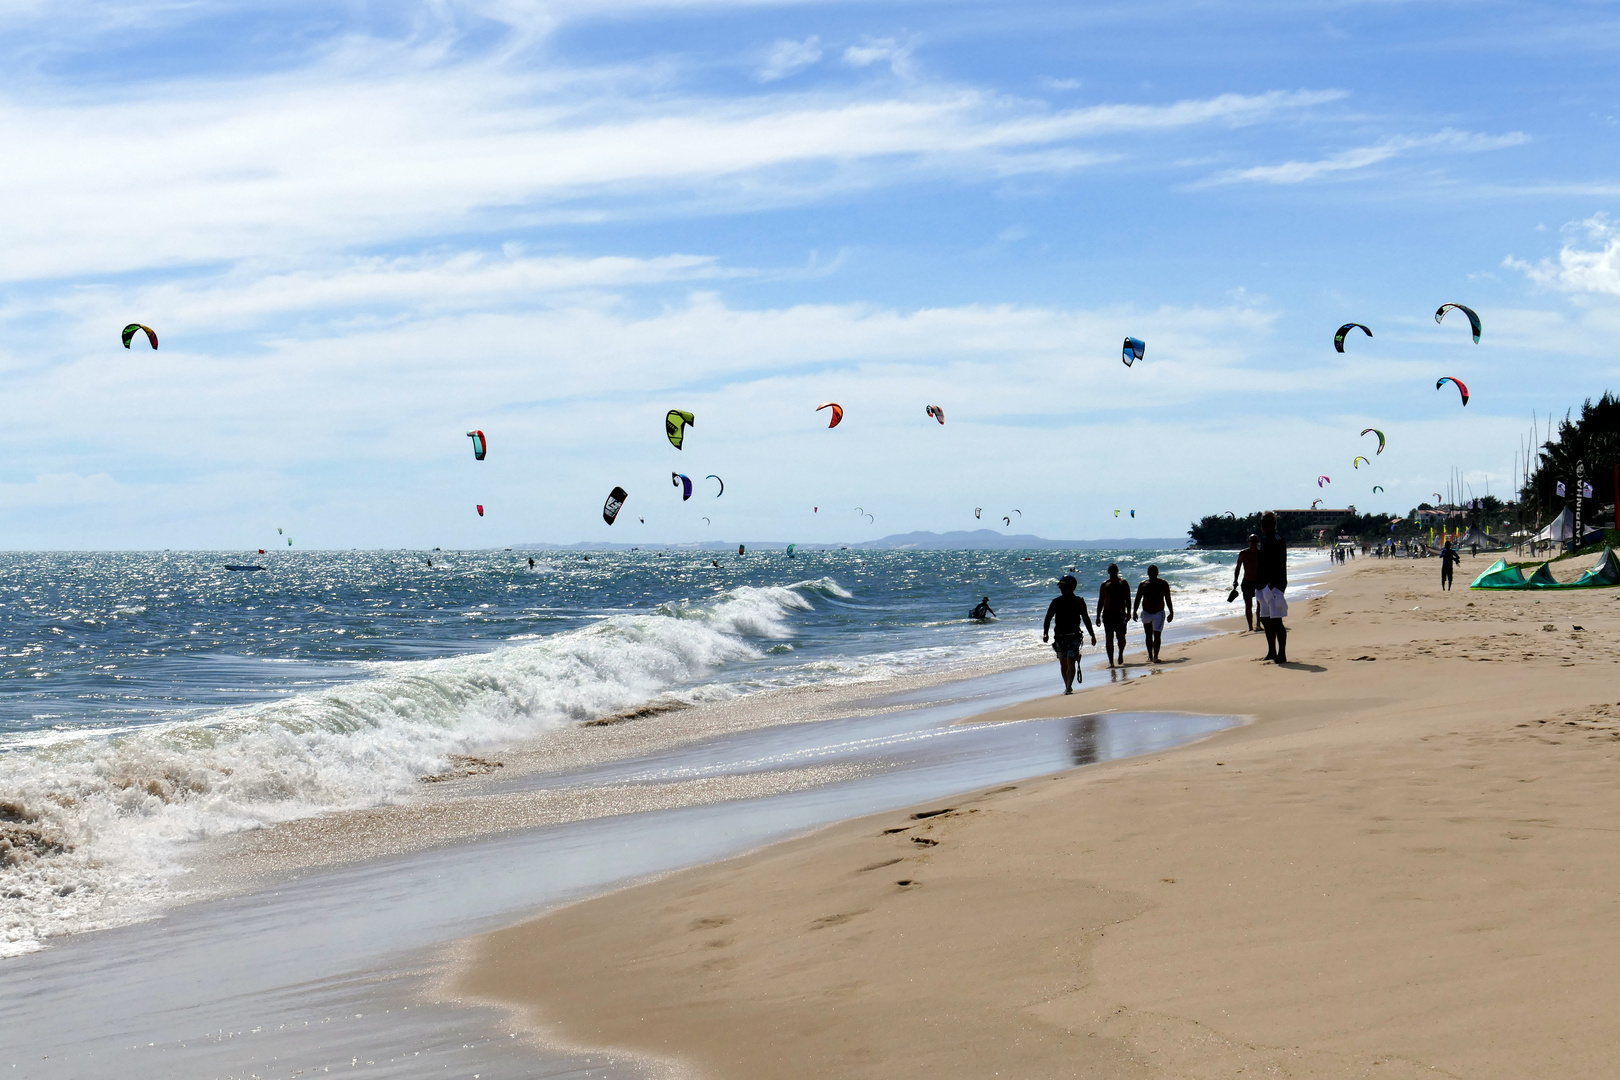 ...Kite surfen...